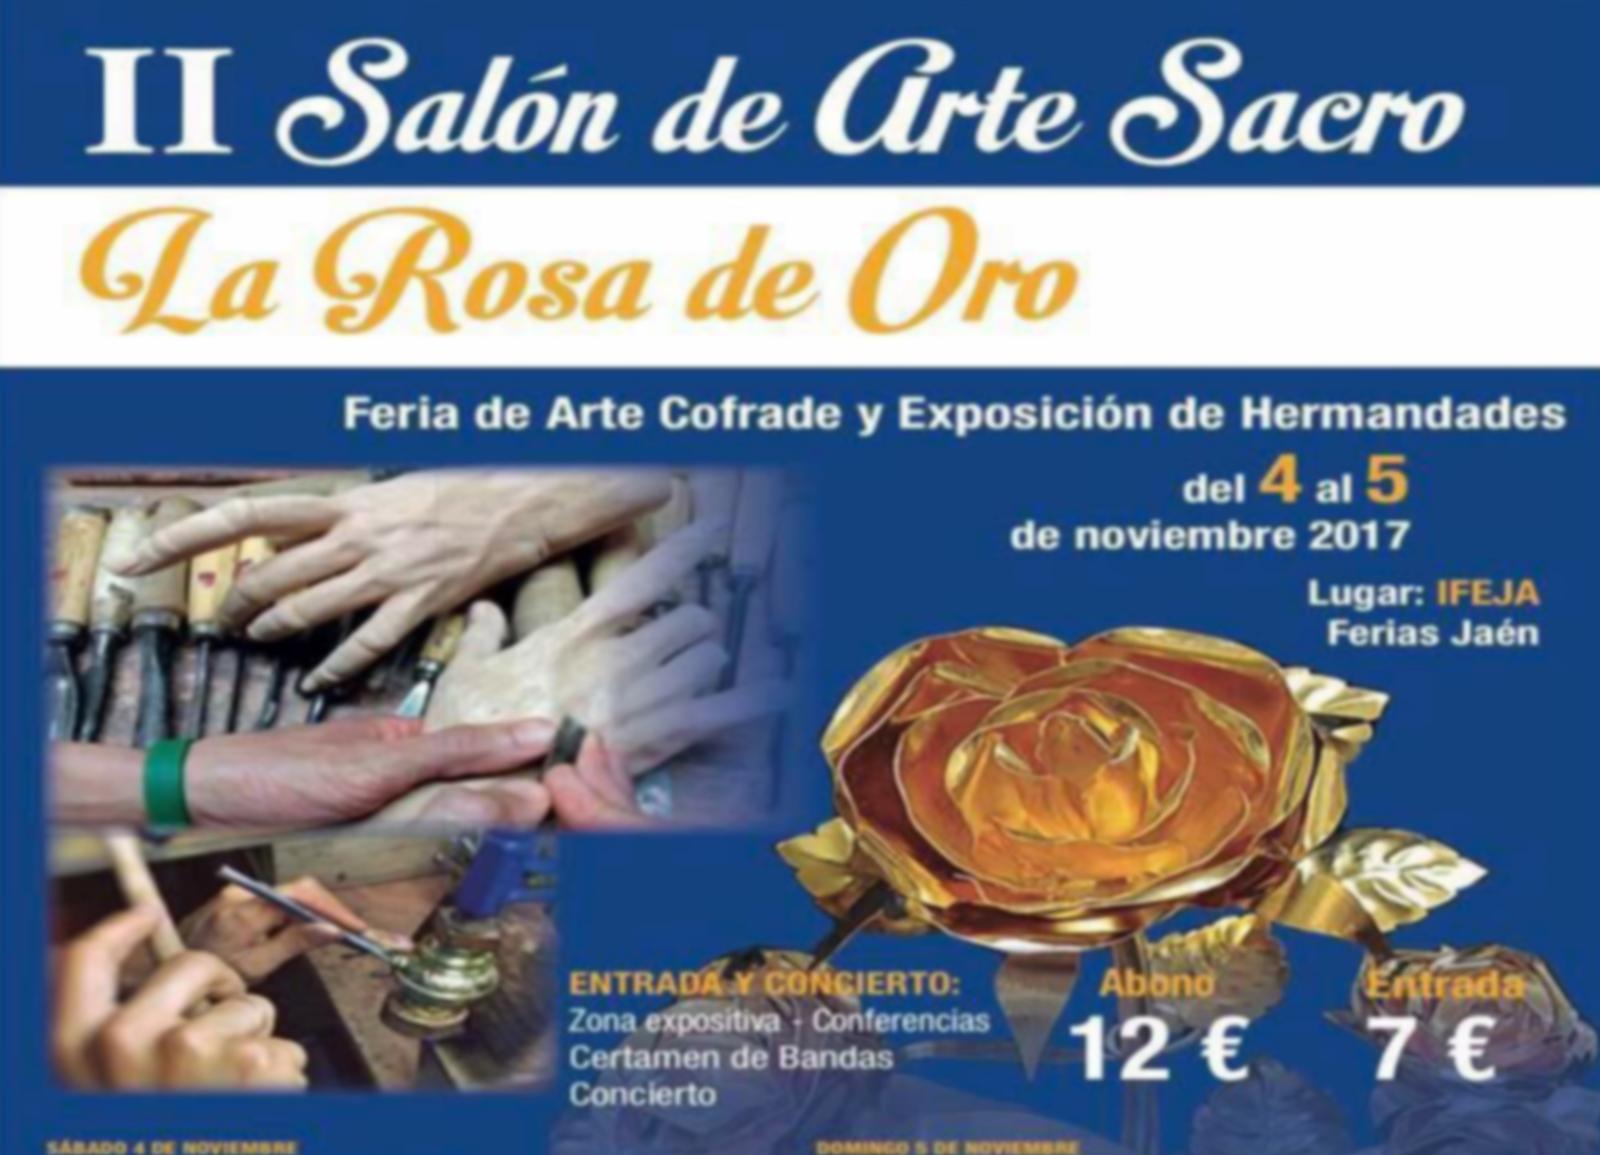 Concierto en el II Salón de Arte Sacro, La Rosa de Oro